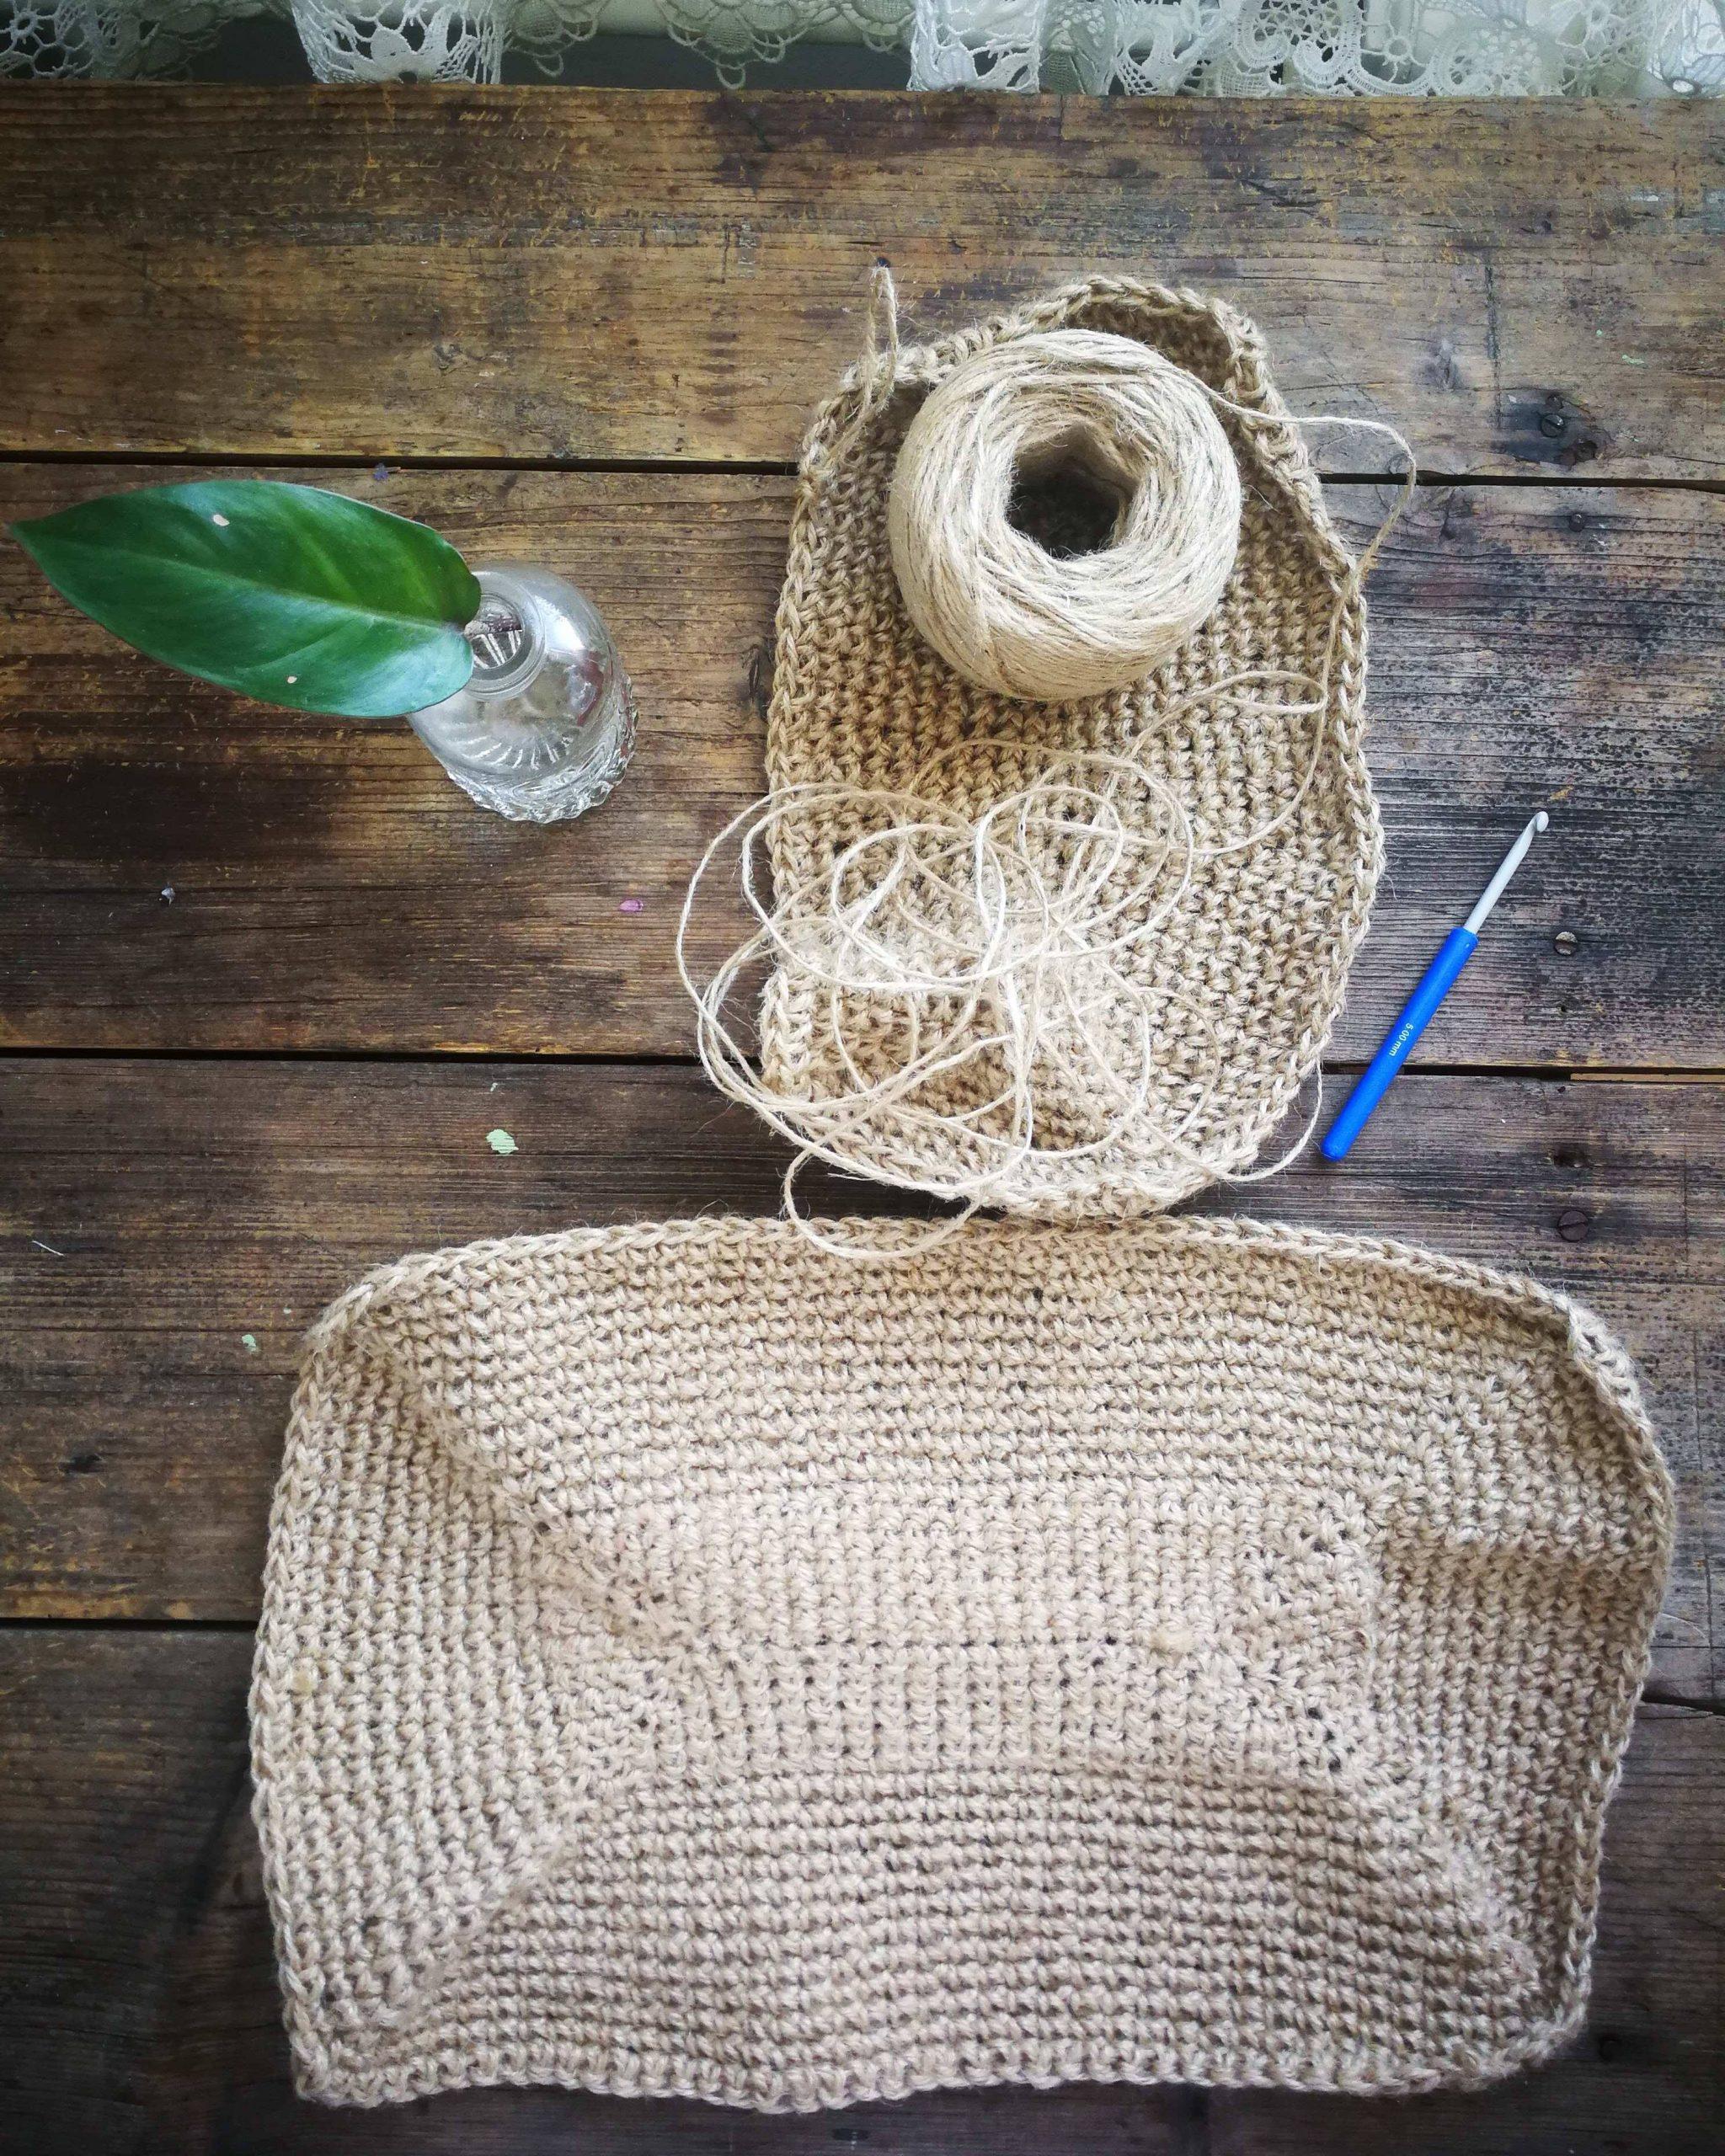 diy jute bag for growing potatoes